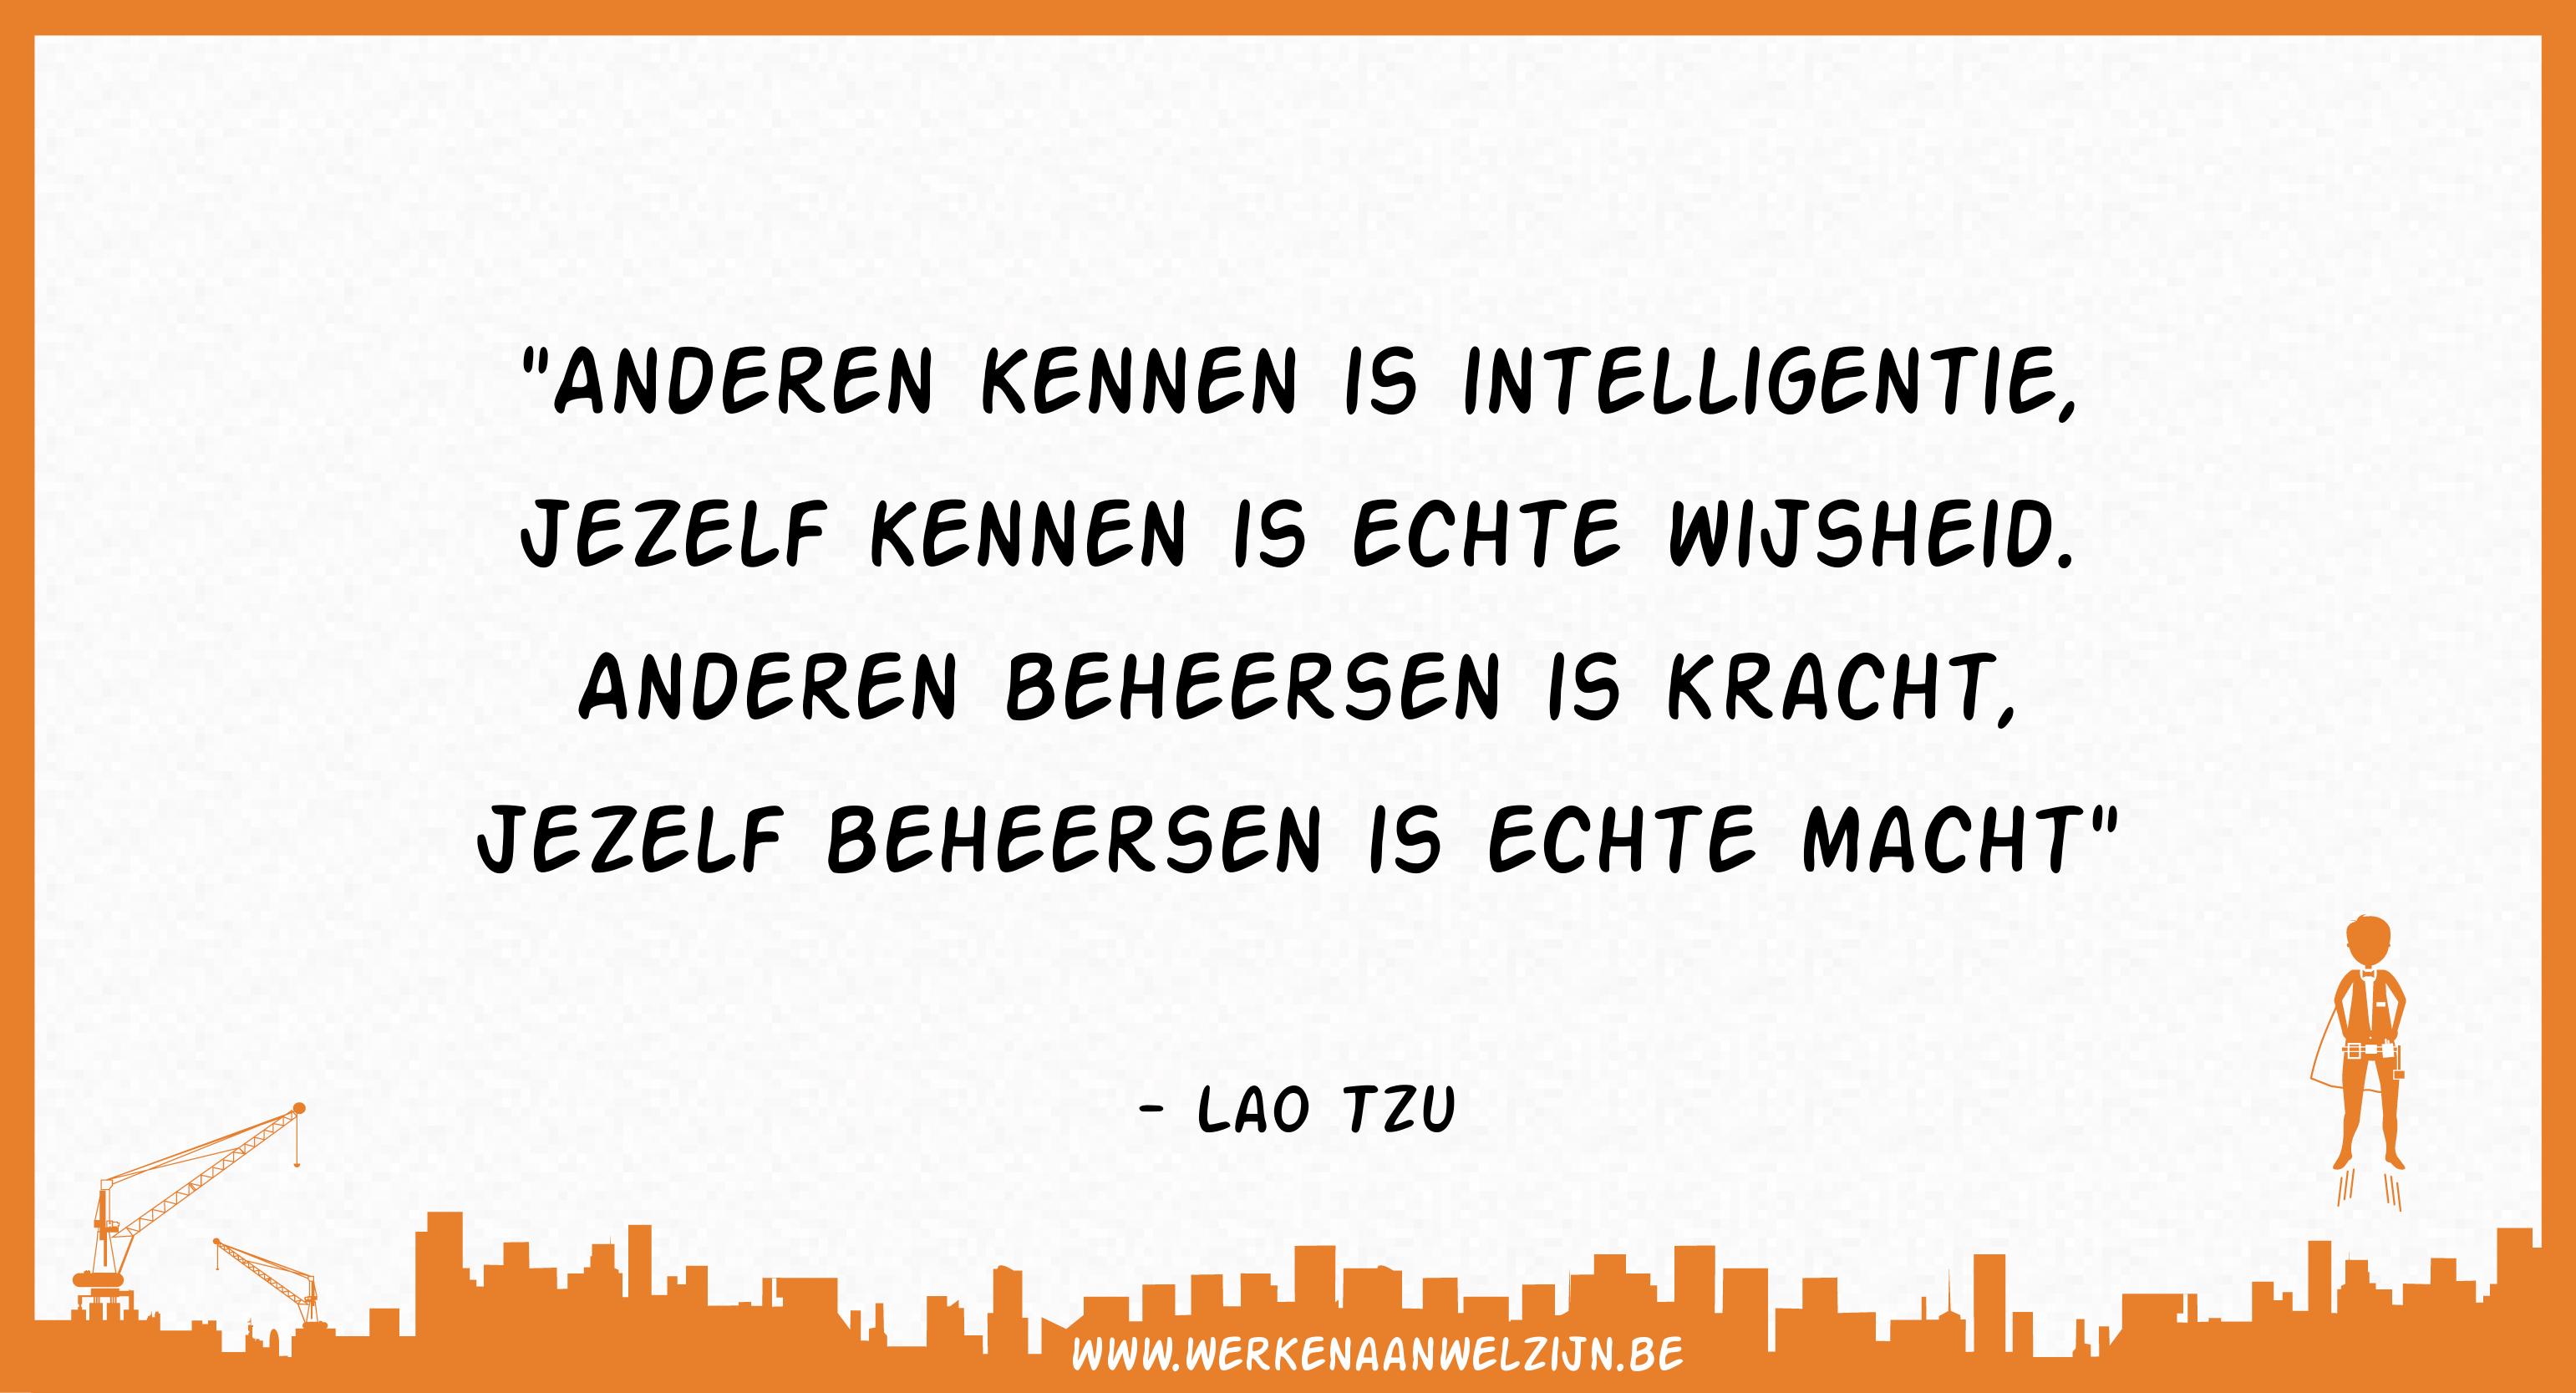 Anderen kennen is intelligentie, jezelf kennen is echte wijsheid. Andere beheersen is kracht, jezelf beheersen is echt macht. (Lao Tzu)